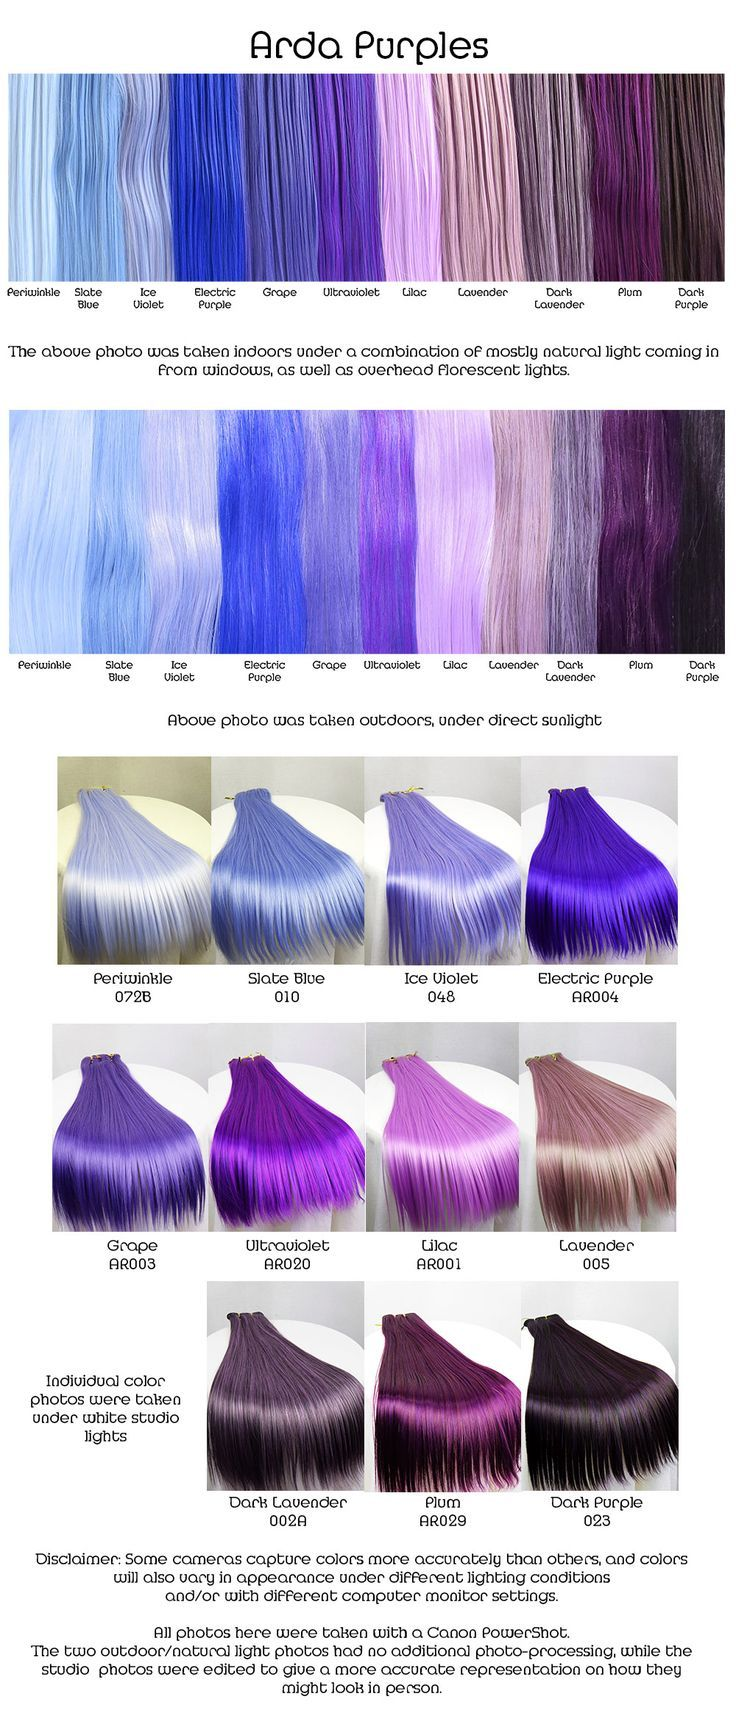 25 best ideas about dark purple hair on pinterest dark purple hair color plum purple hair. Black Bedroom Furniture Sets. Home Design Ideas